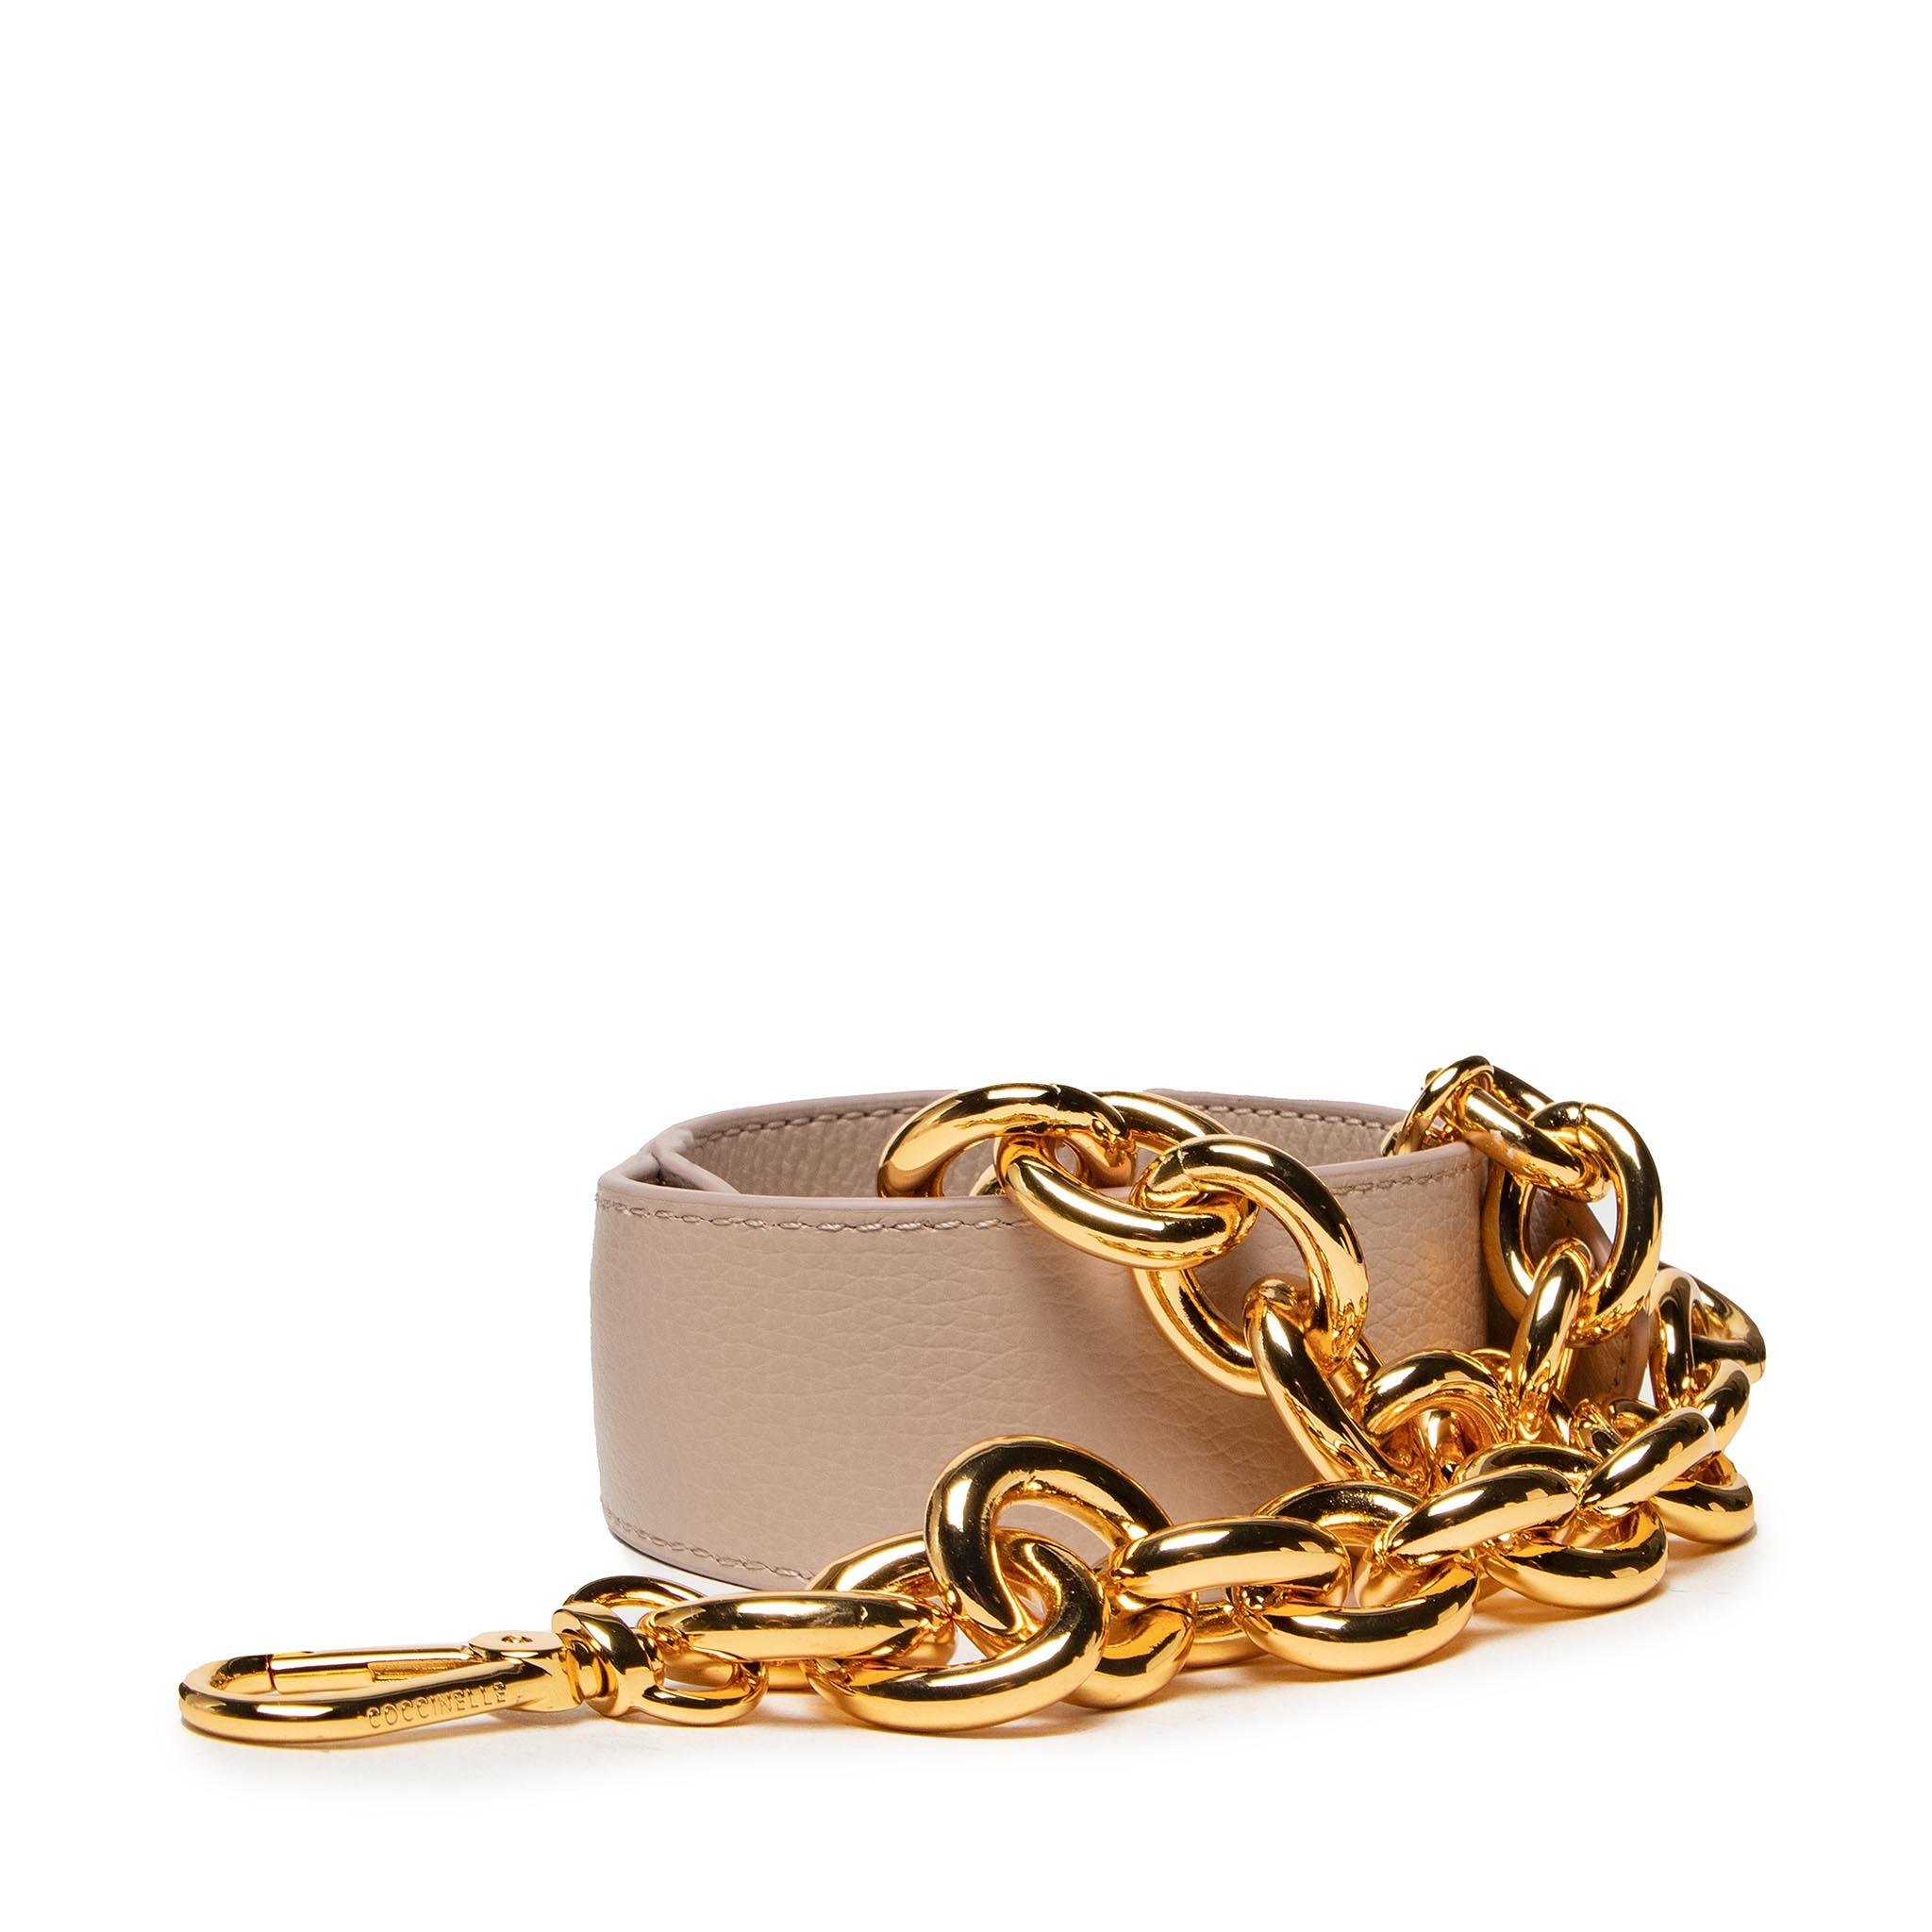 Image of austauschbarer Gürtel für die Tasche COCCINELLE - IZ6 Shoulder Strap E3 IZ6 68 49 01 Powder Pink N80